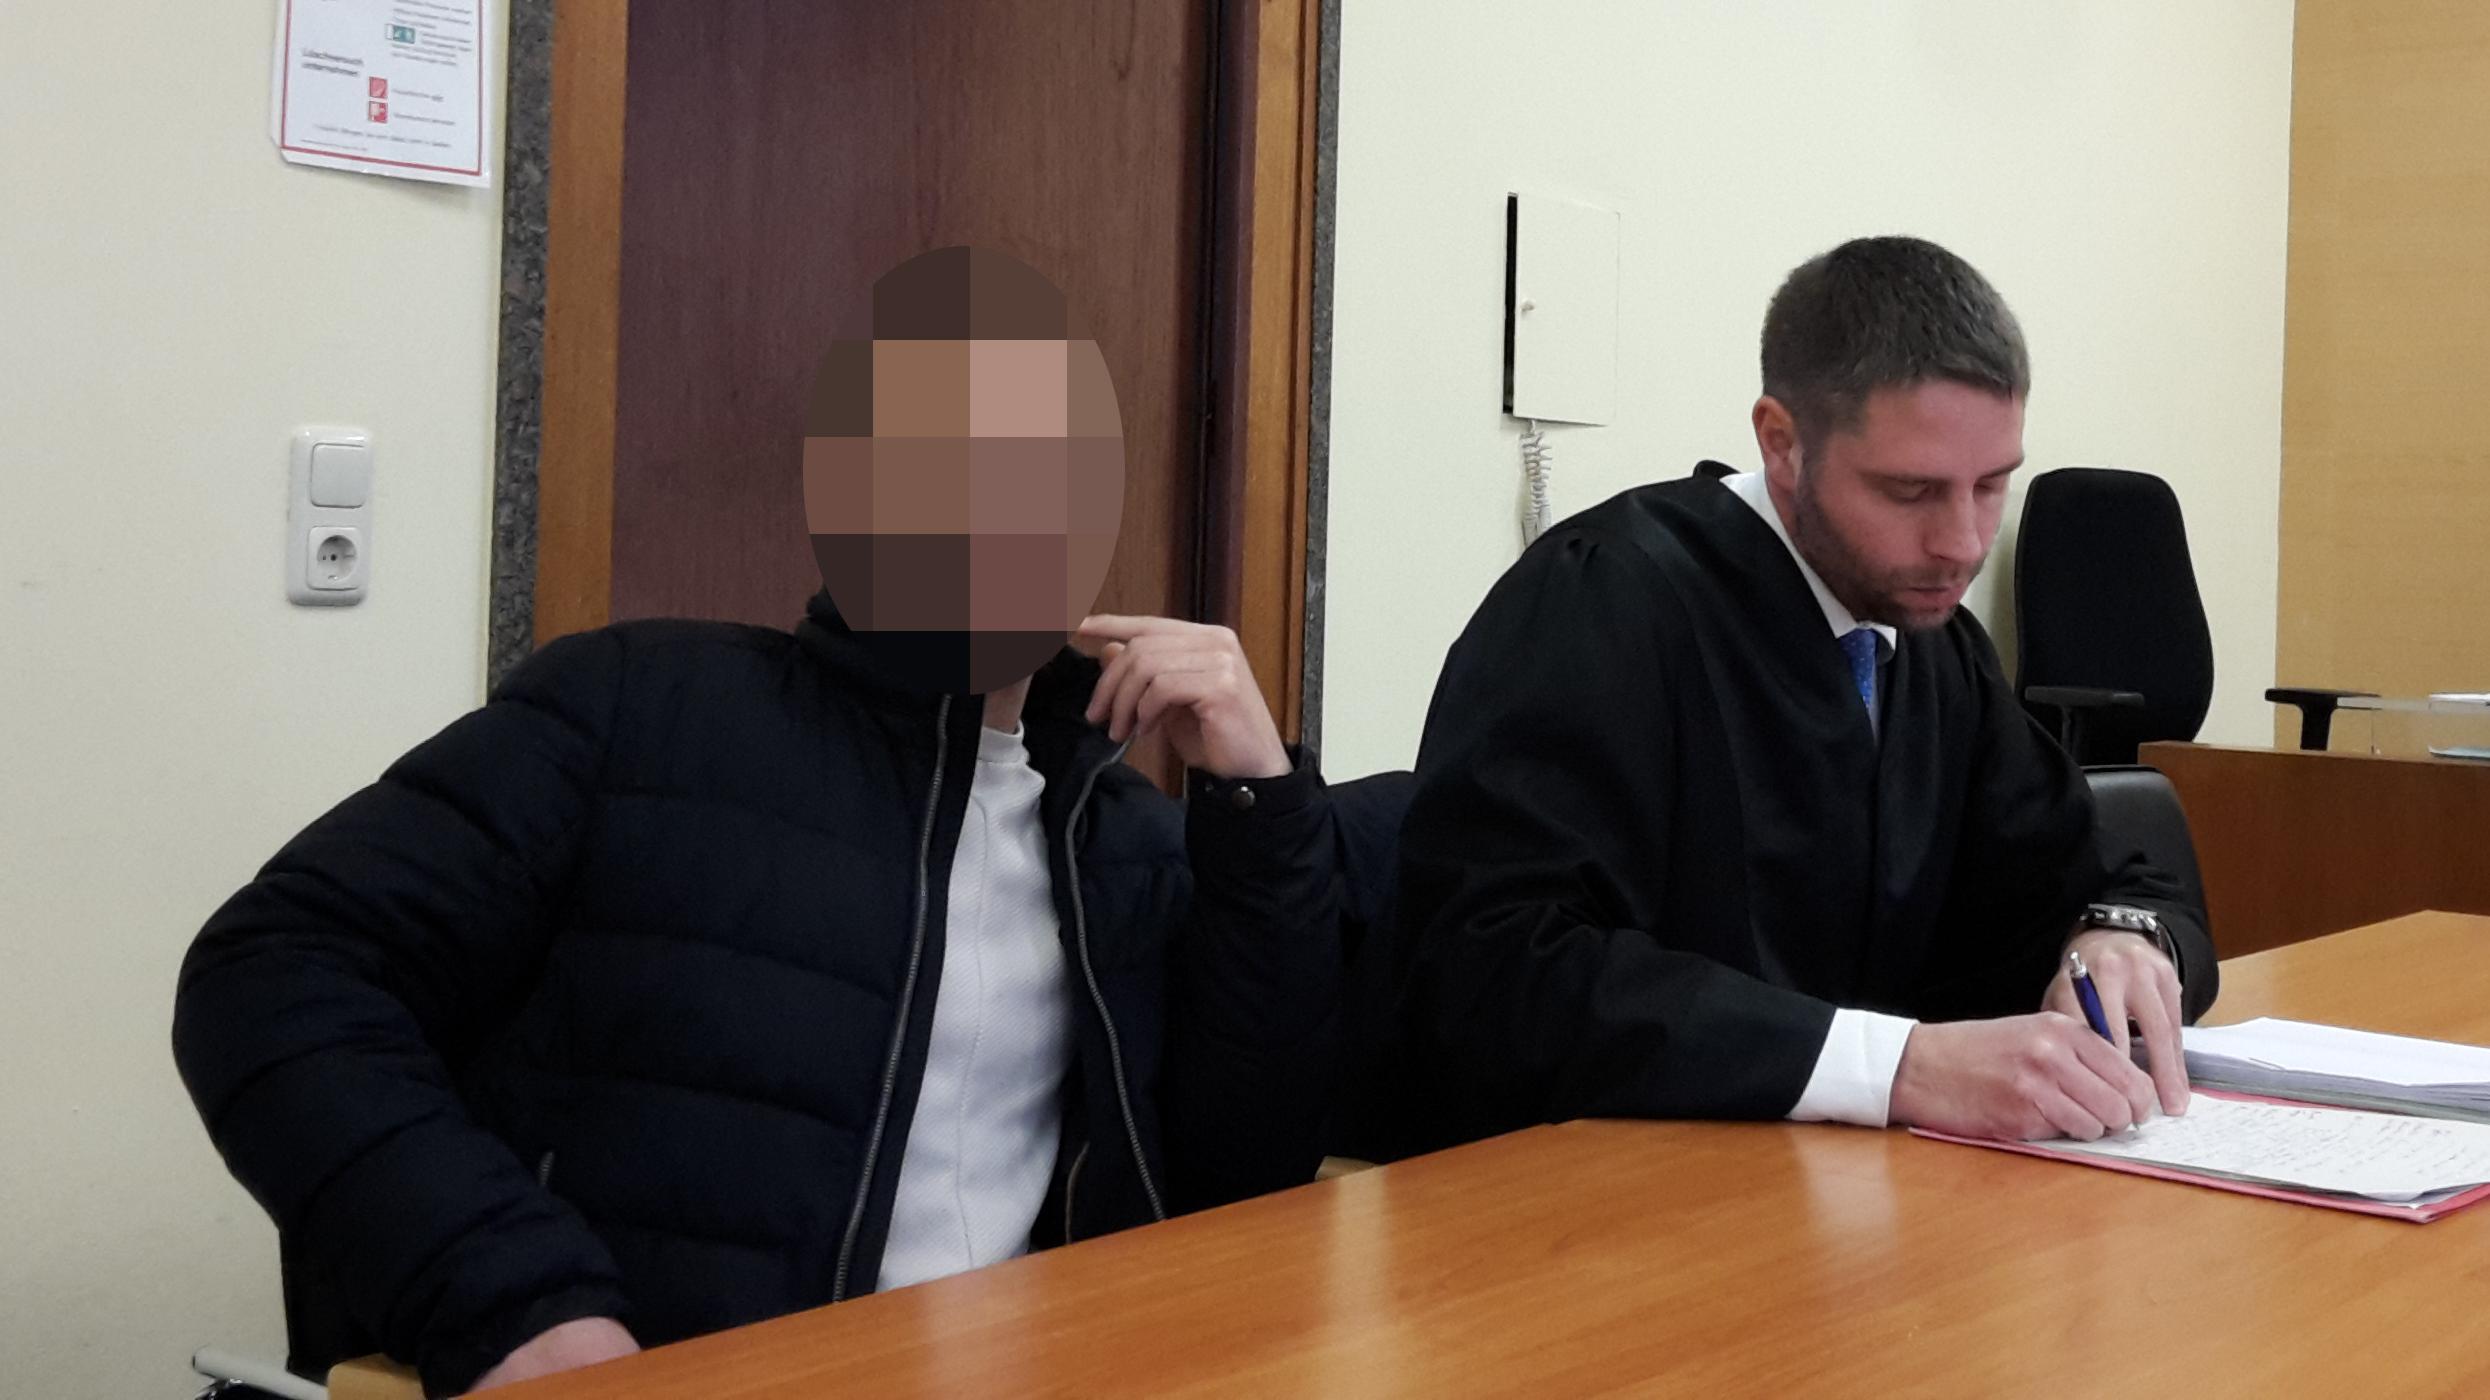 Ein Angeklagter sitzt neben seinem Anwalt in einem Gerichtssaal des Landgerichts Hof.